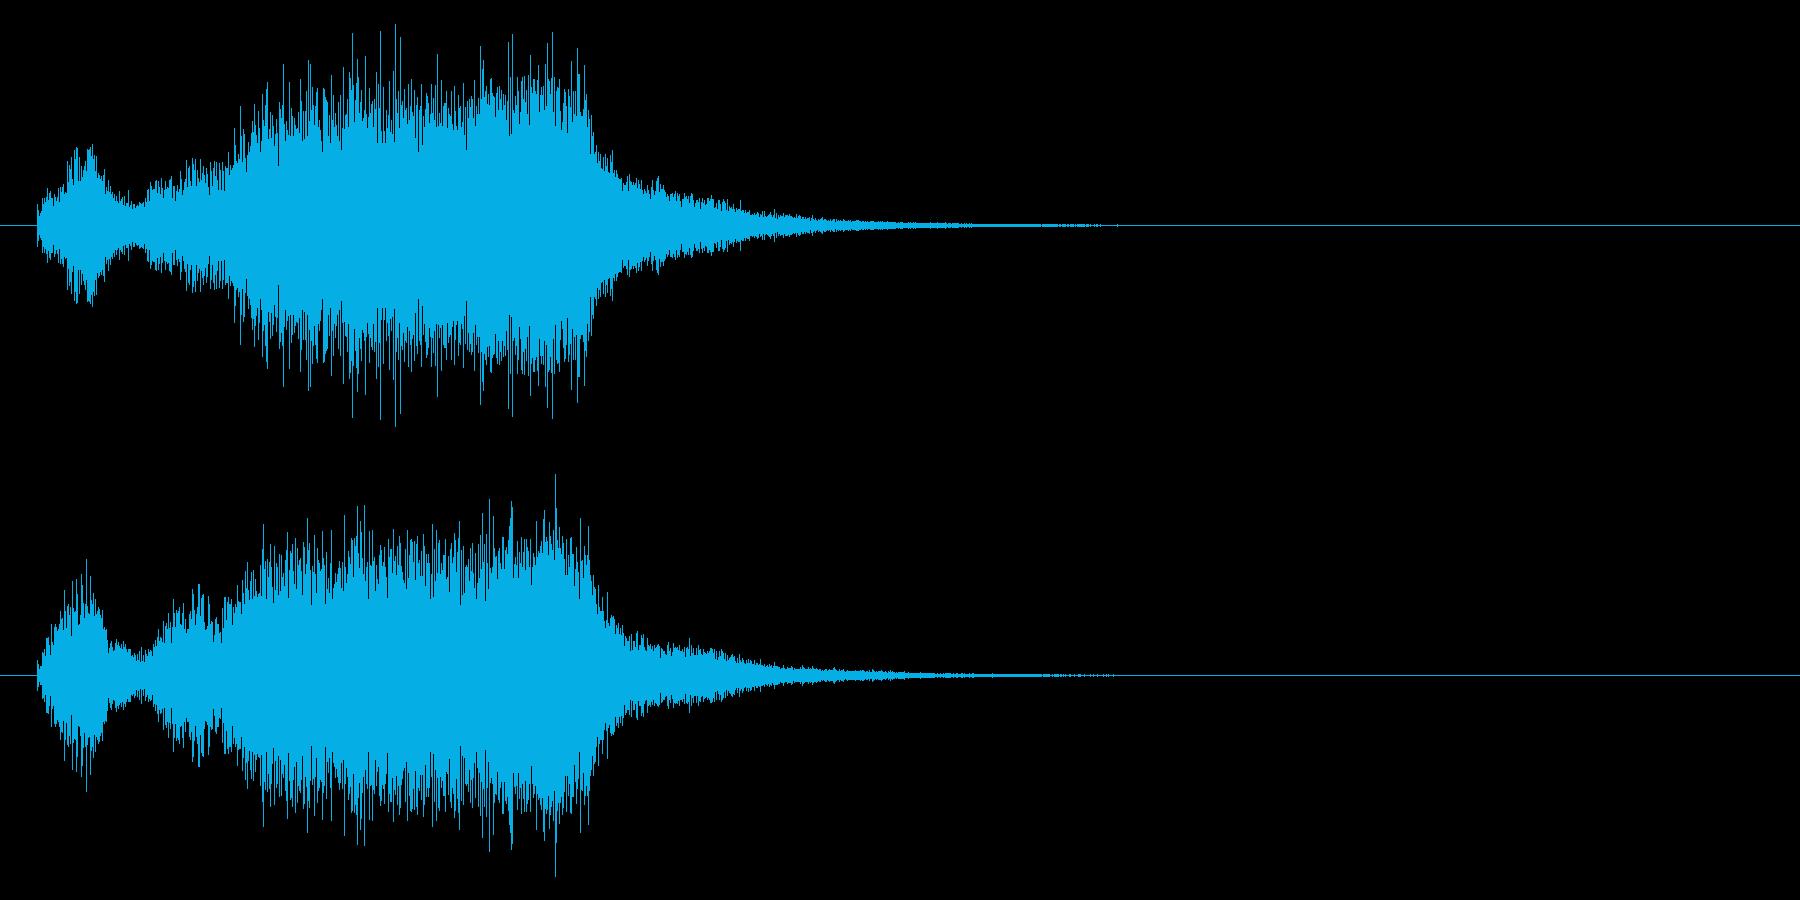 勝利したようなブラスバンドファンファーレの再生済みの波形